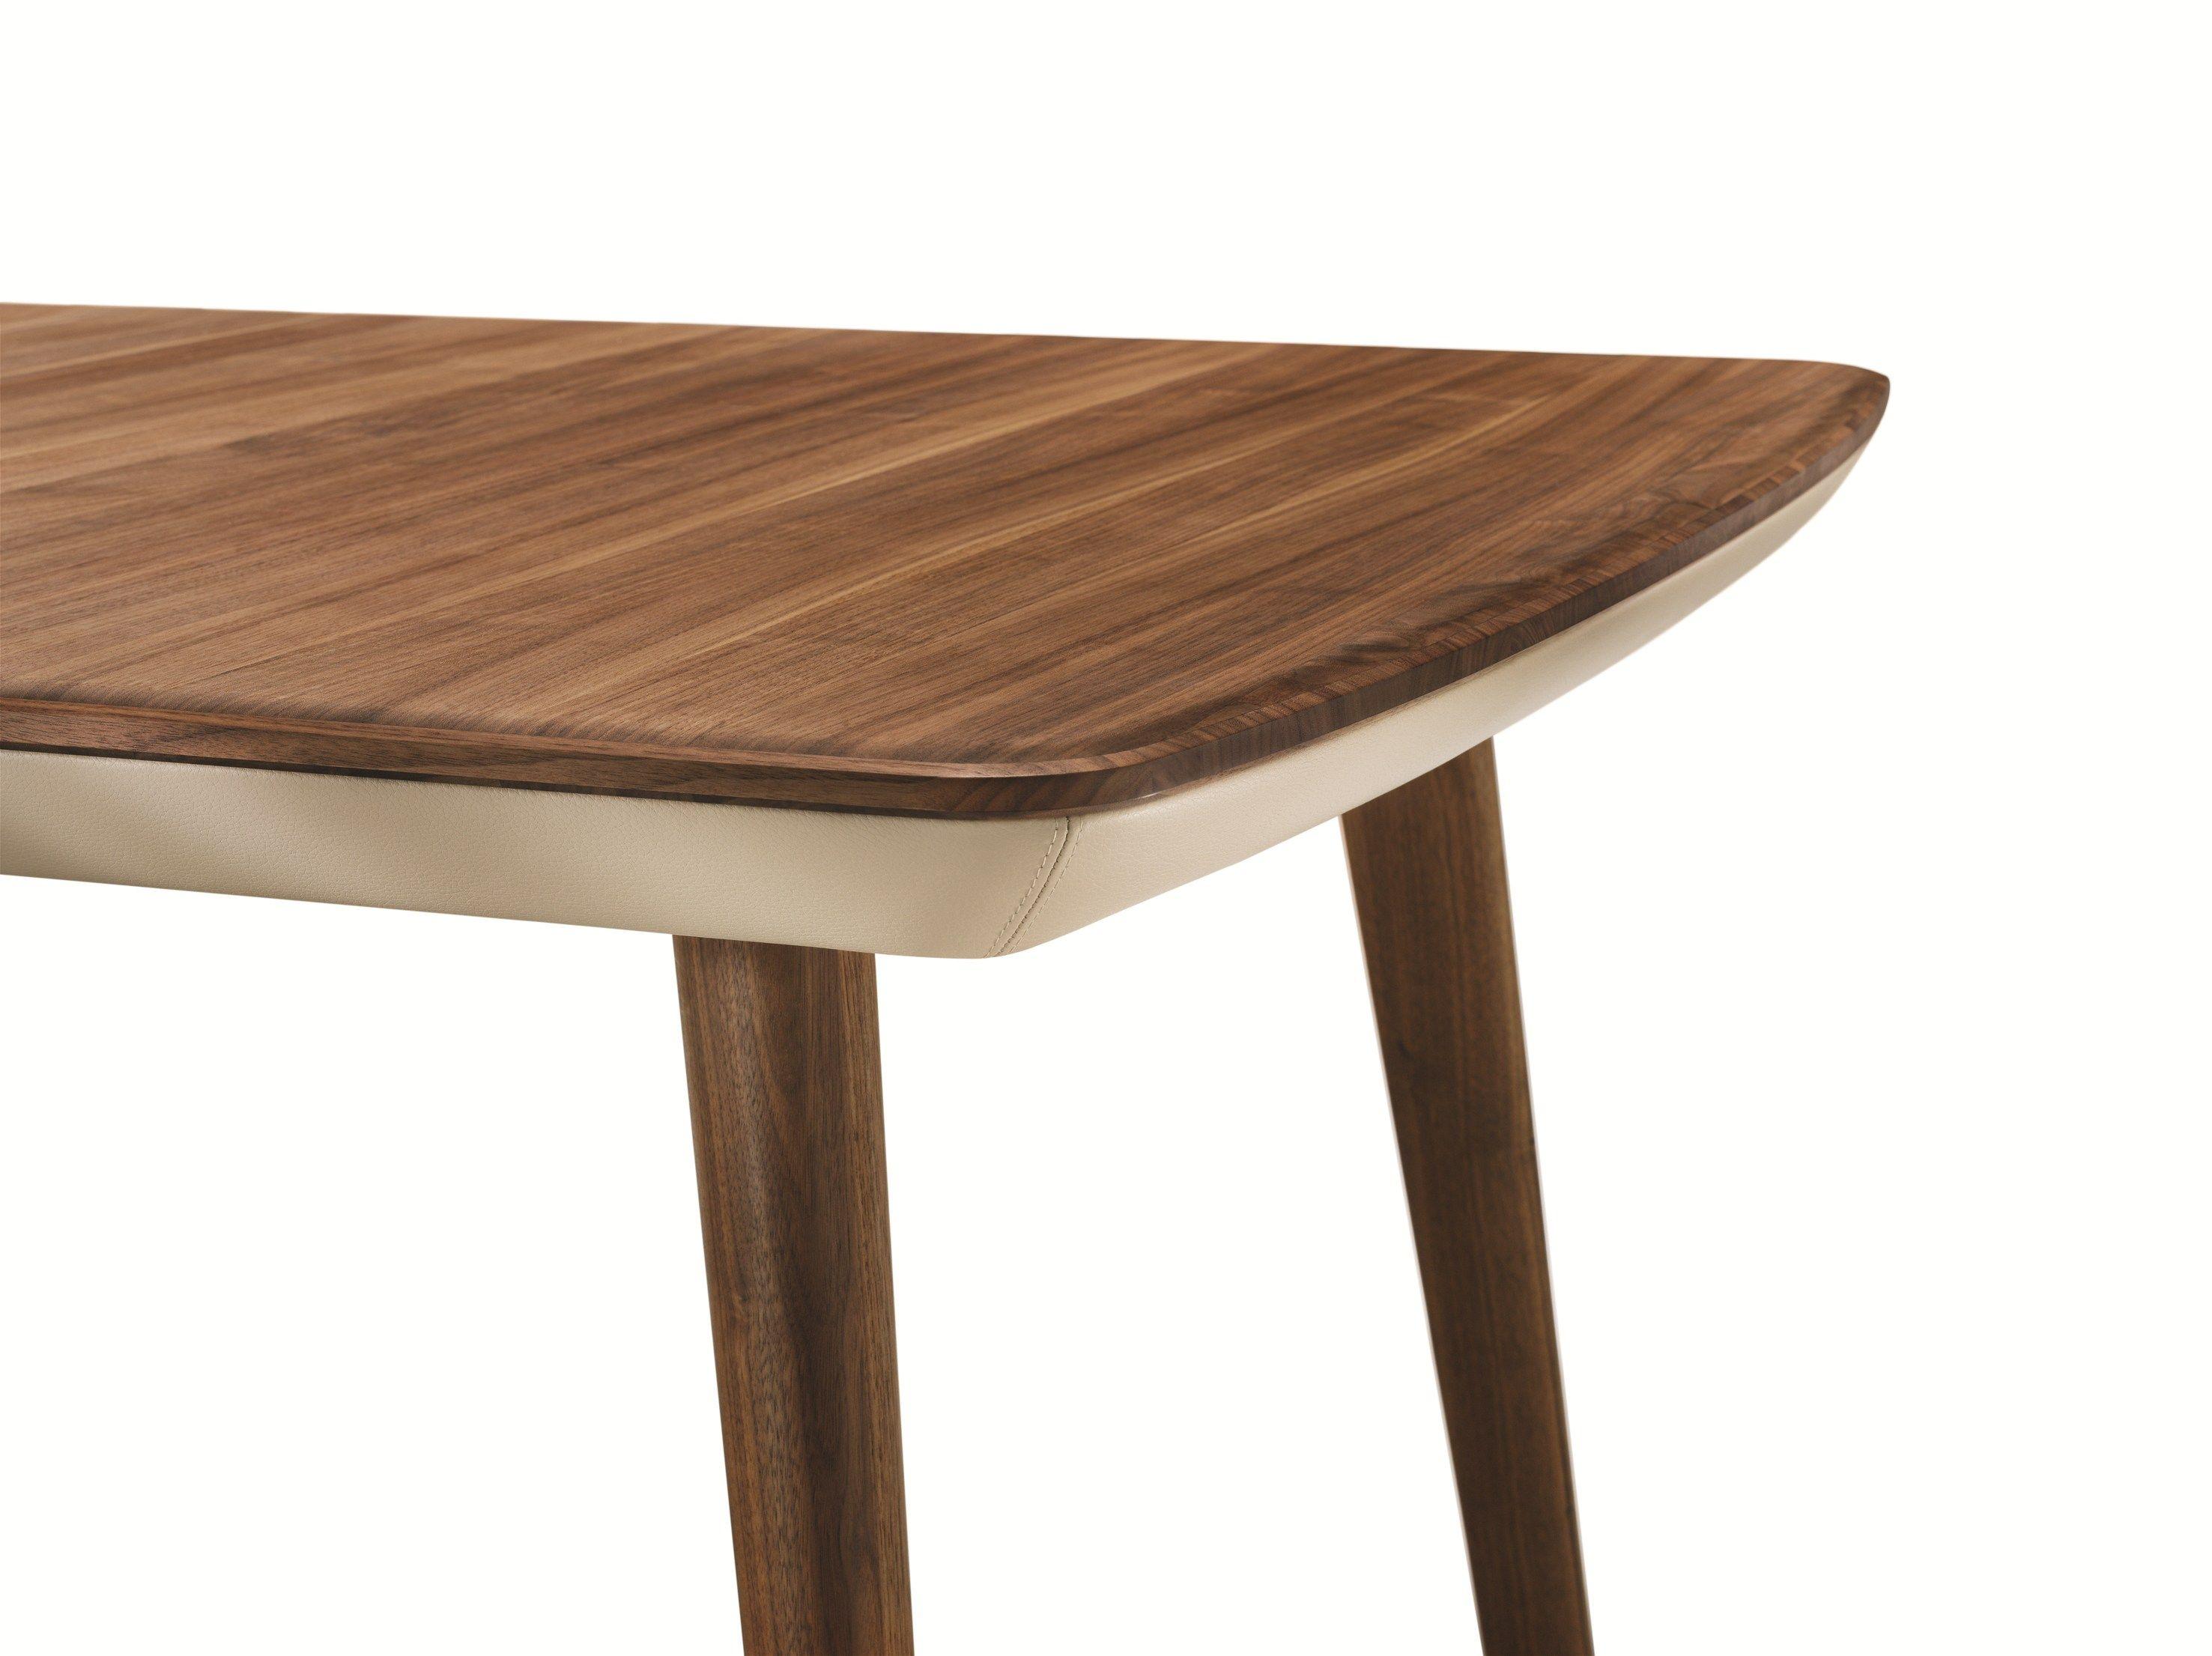 flaye rechteckiger tisch by team 7 nat rlich wohnen design jacob strobel. Black Bedroom Furniture Sets. Home Design Ideas